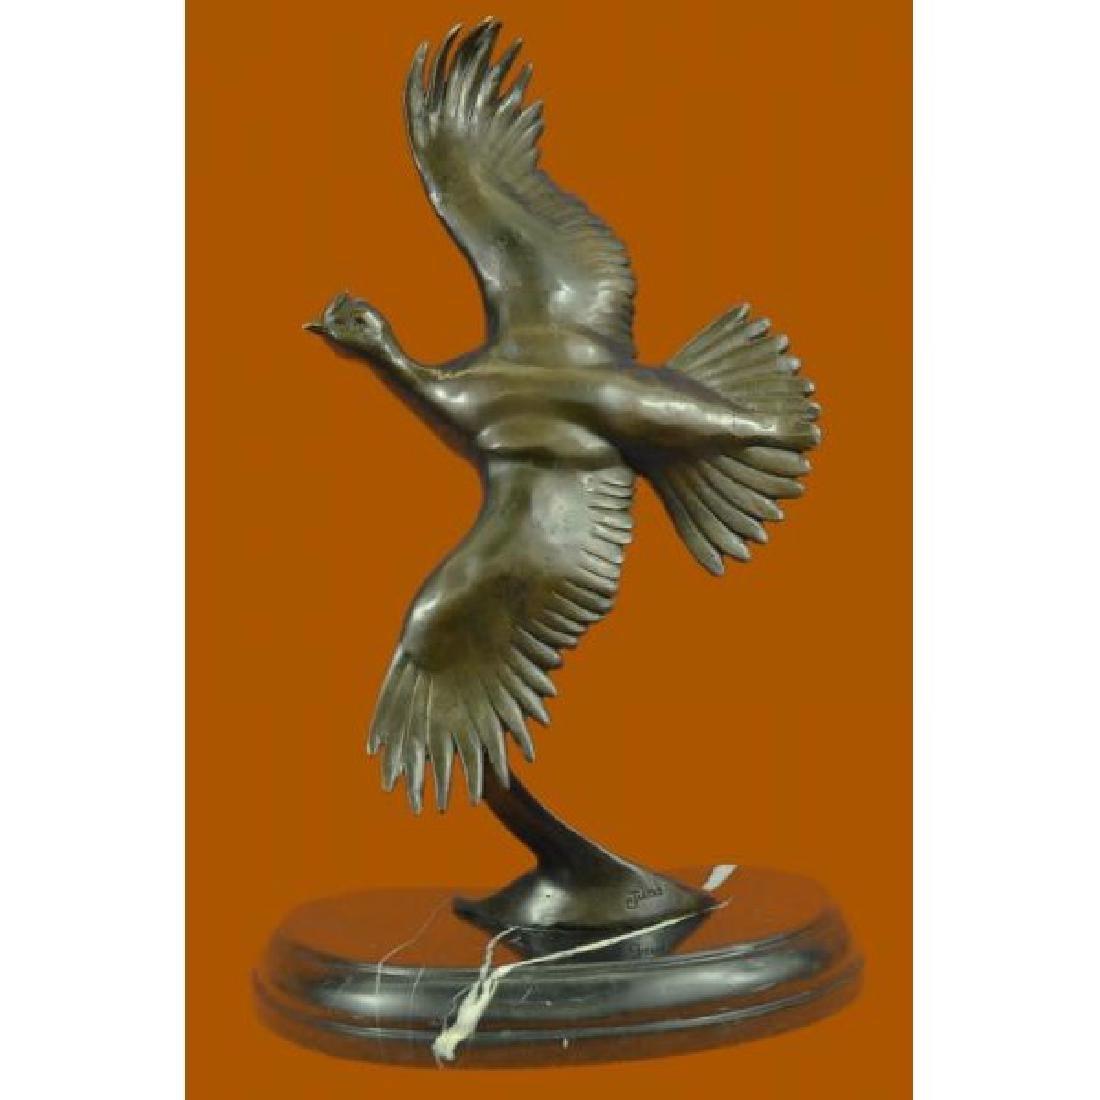 Juno Female California Quail Bronze Sculpture Marble